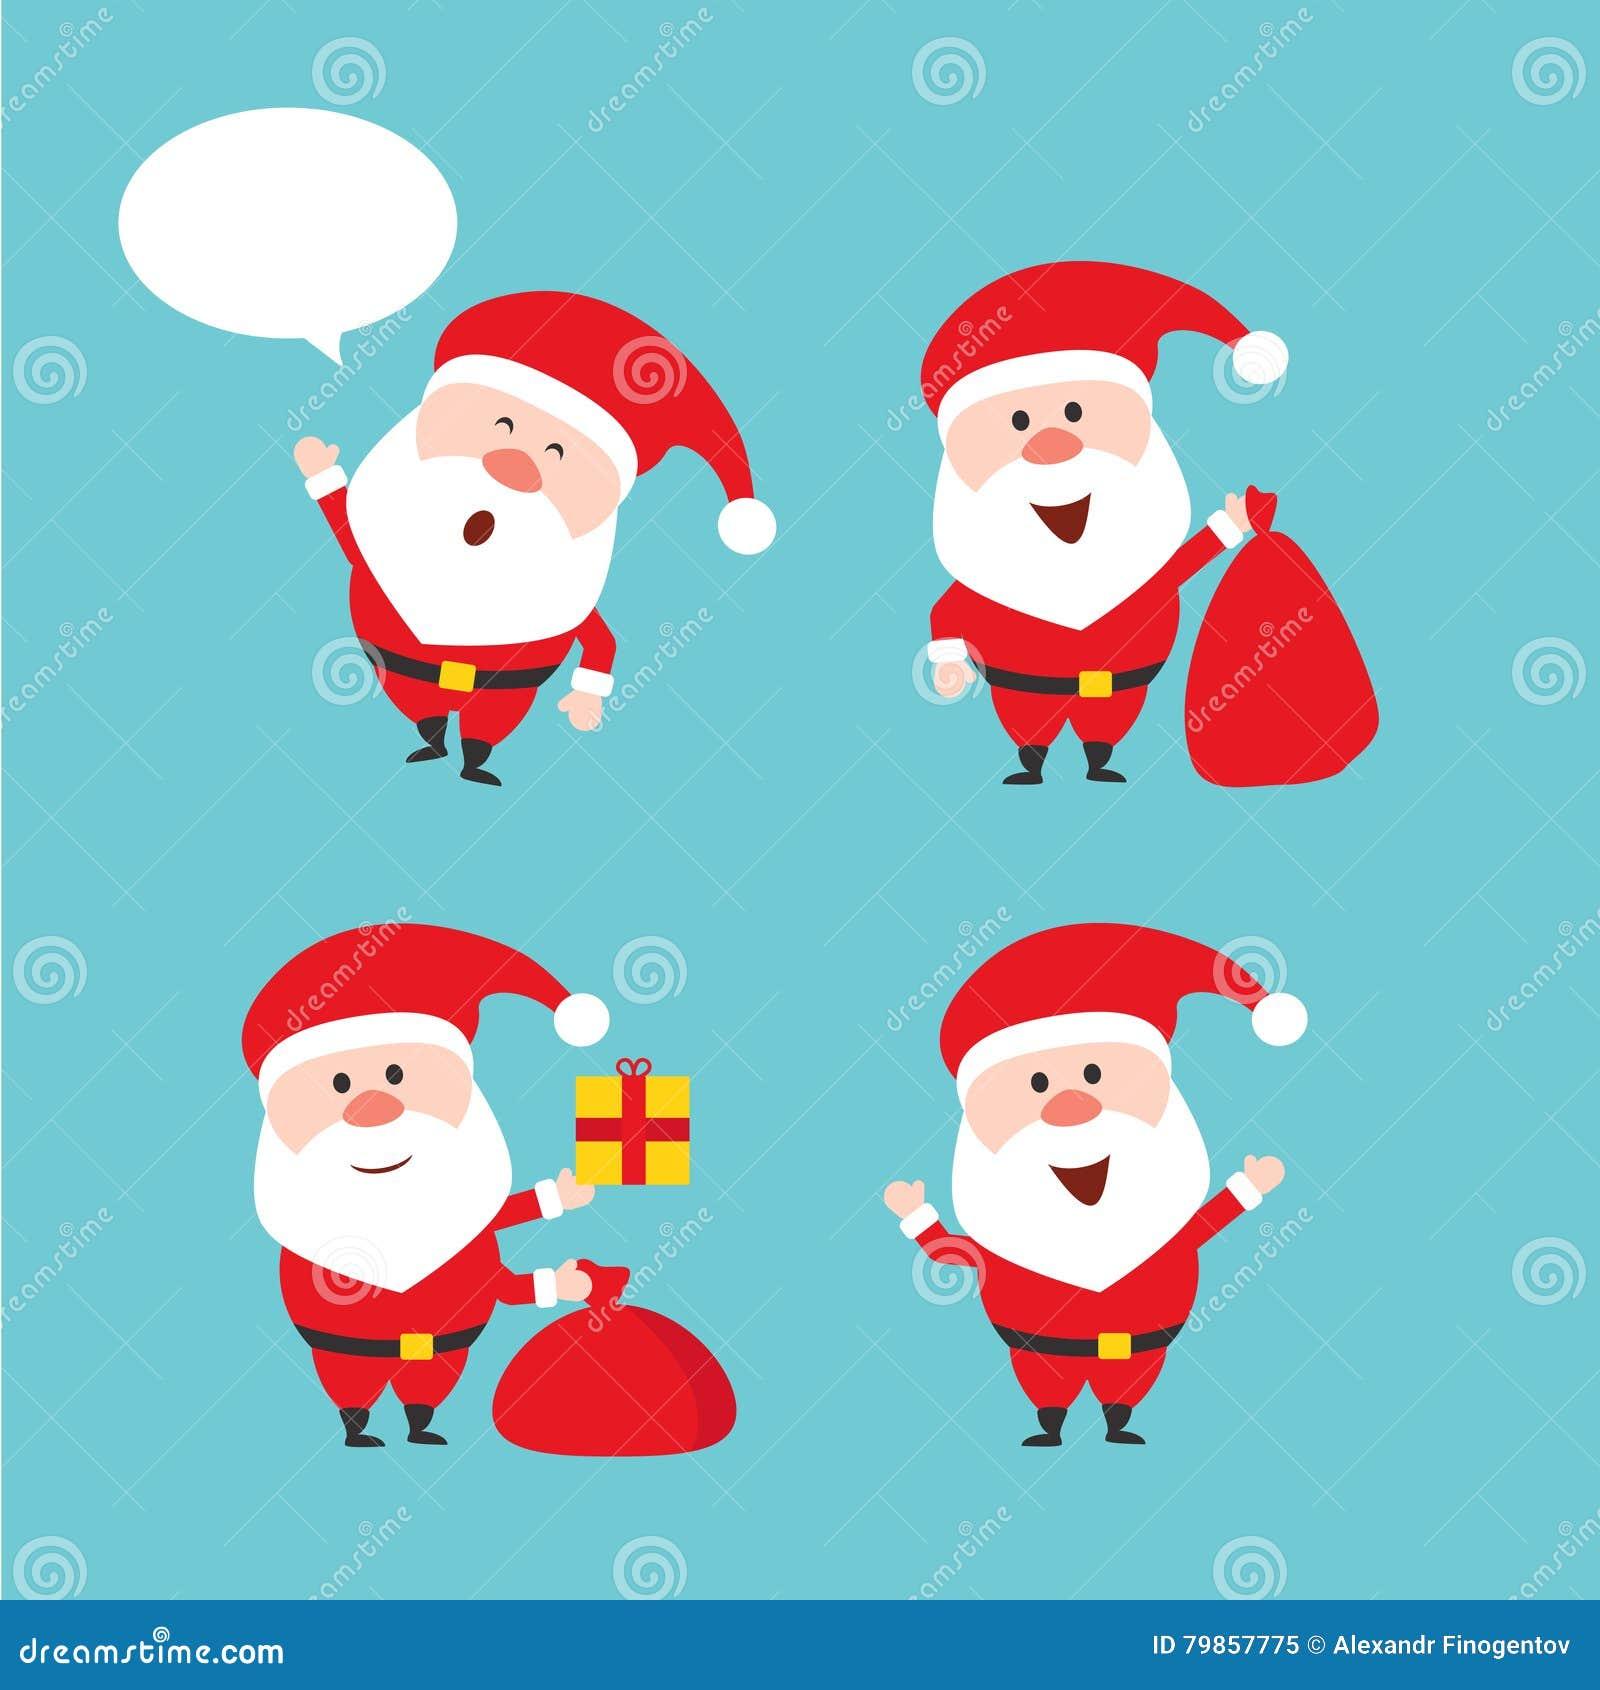 Frohe Weihnachten Lustige Bilder.Nette Lustige Santa Claus Karikatur Polar Mit Herzen Frohe